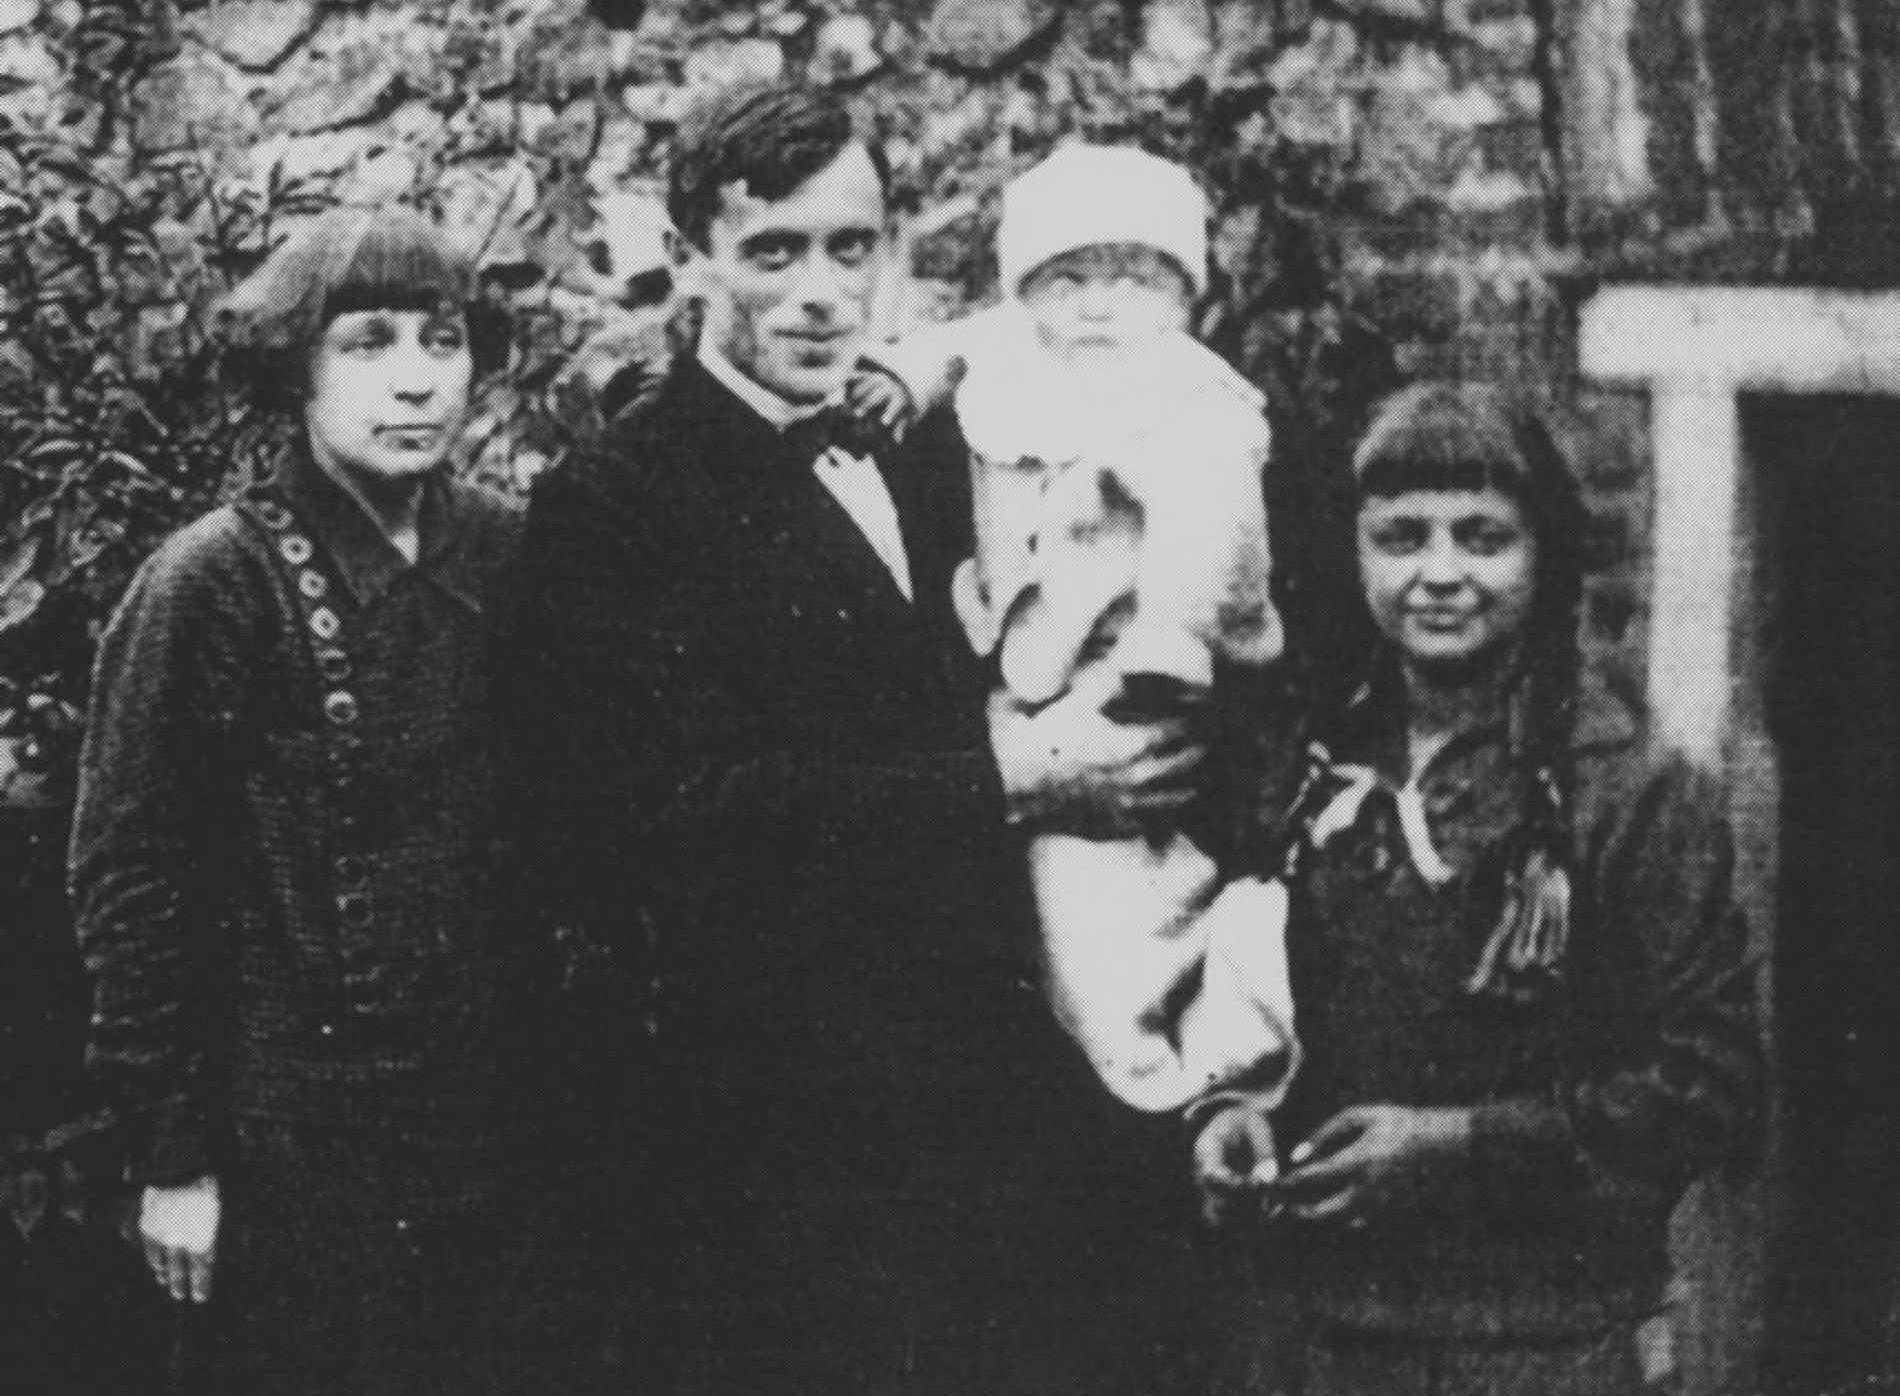 Tsvetáieva com o marido e filhos em Praga, em 1925.